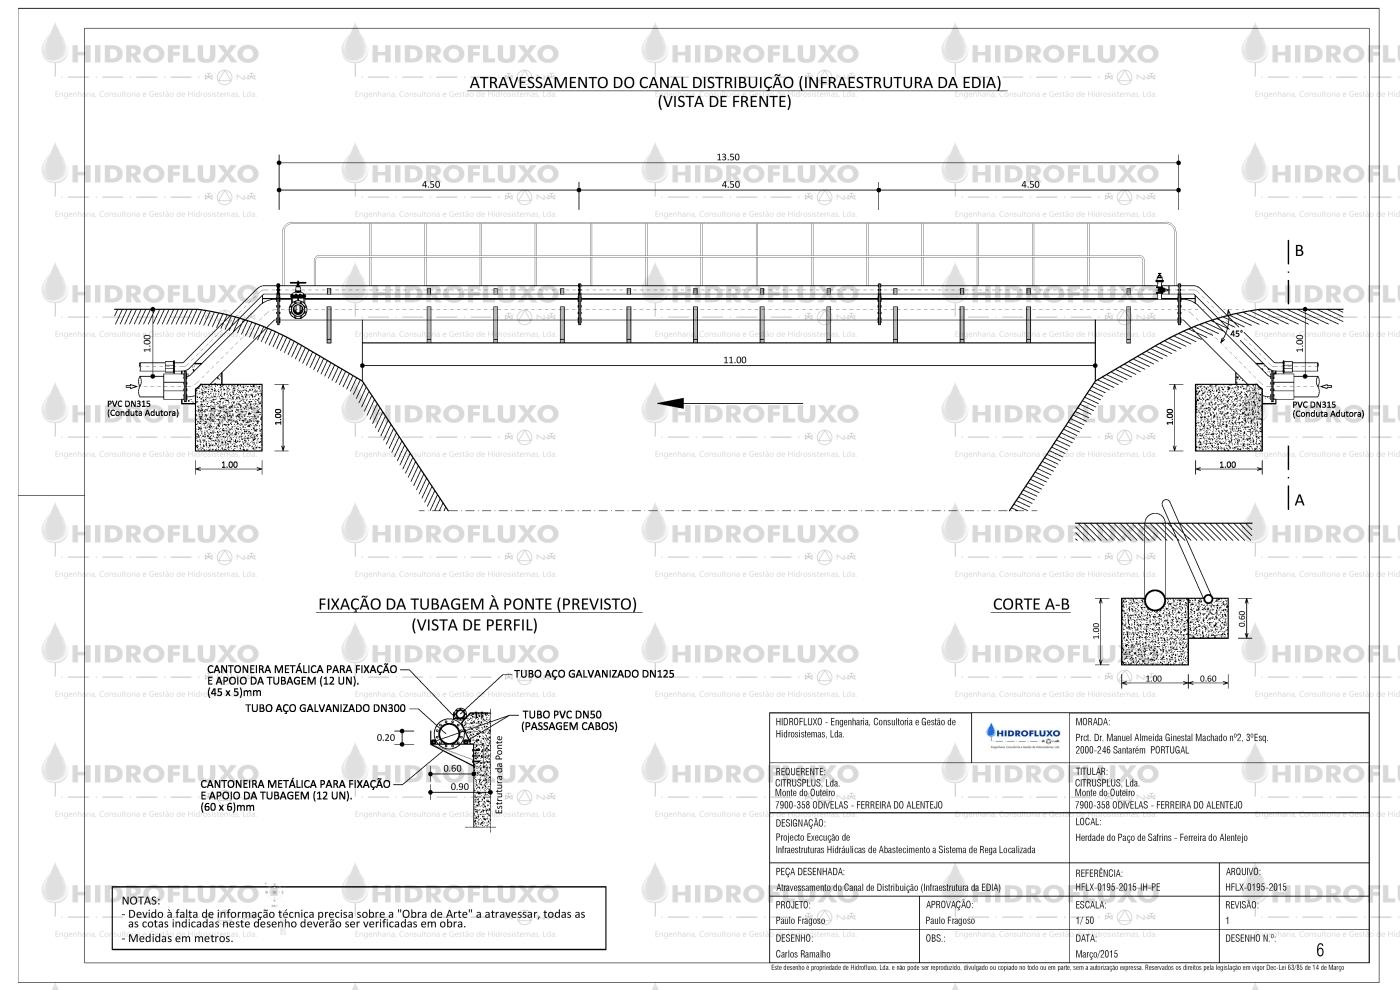 Desenho 6 - Atravessamento Canal EDIA-Model